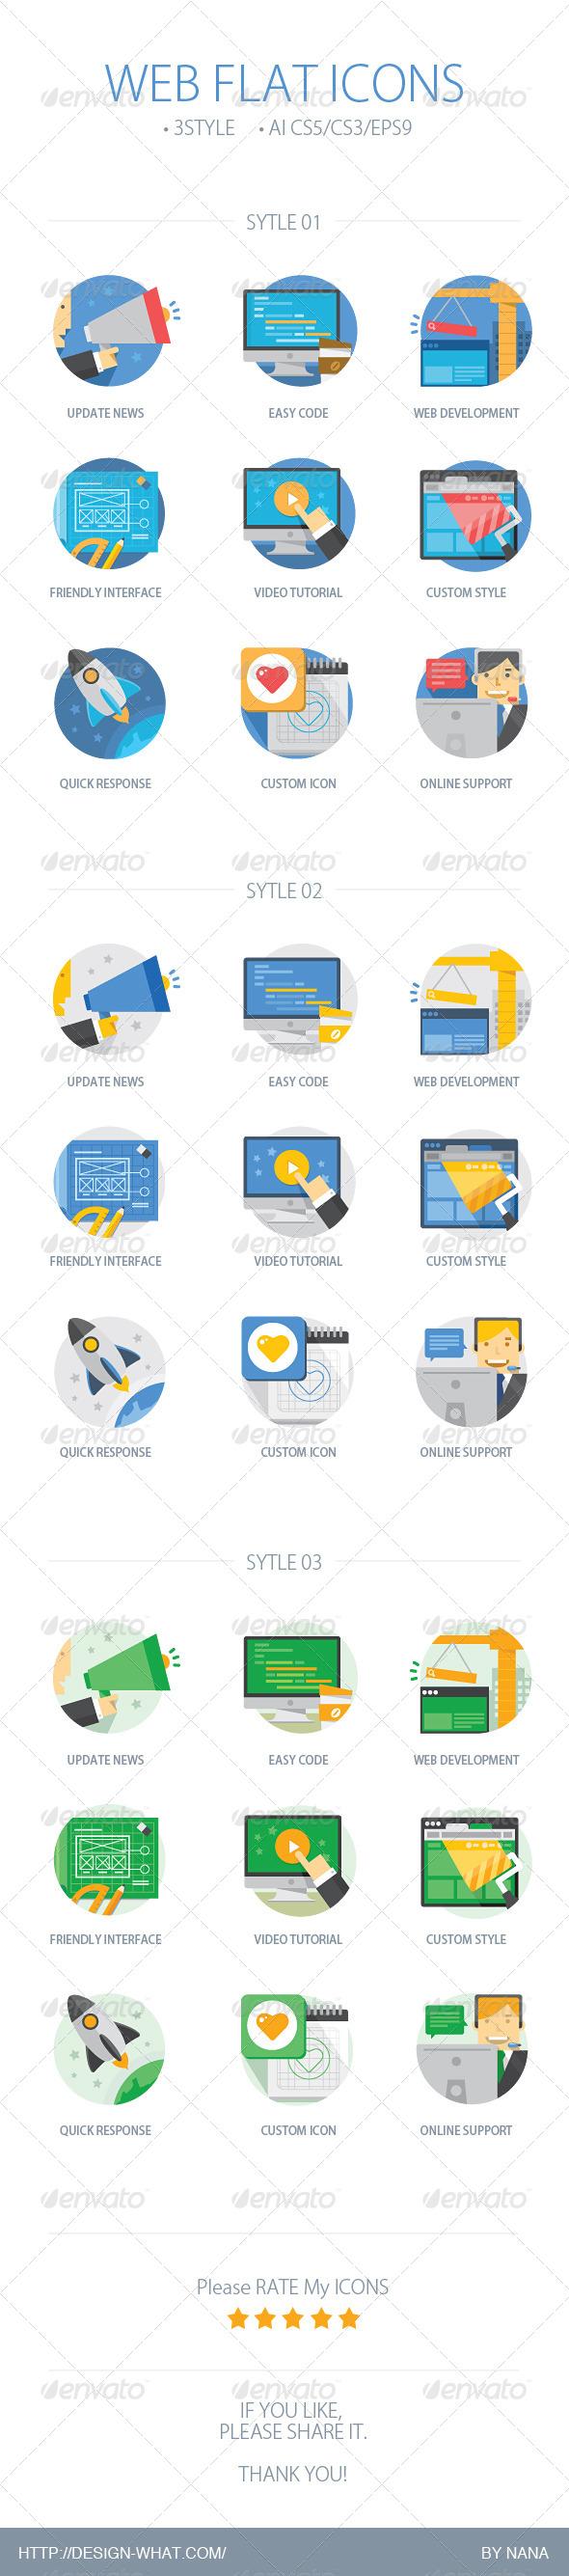 Web Flat Icons - Web Icons